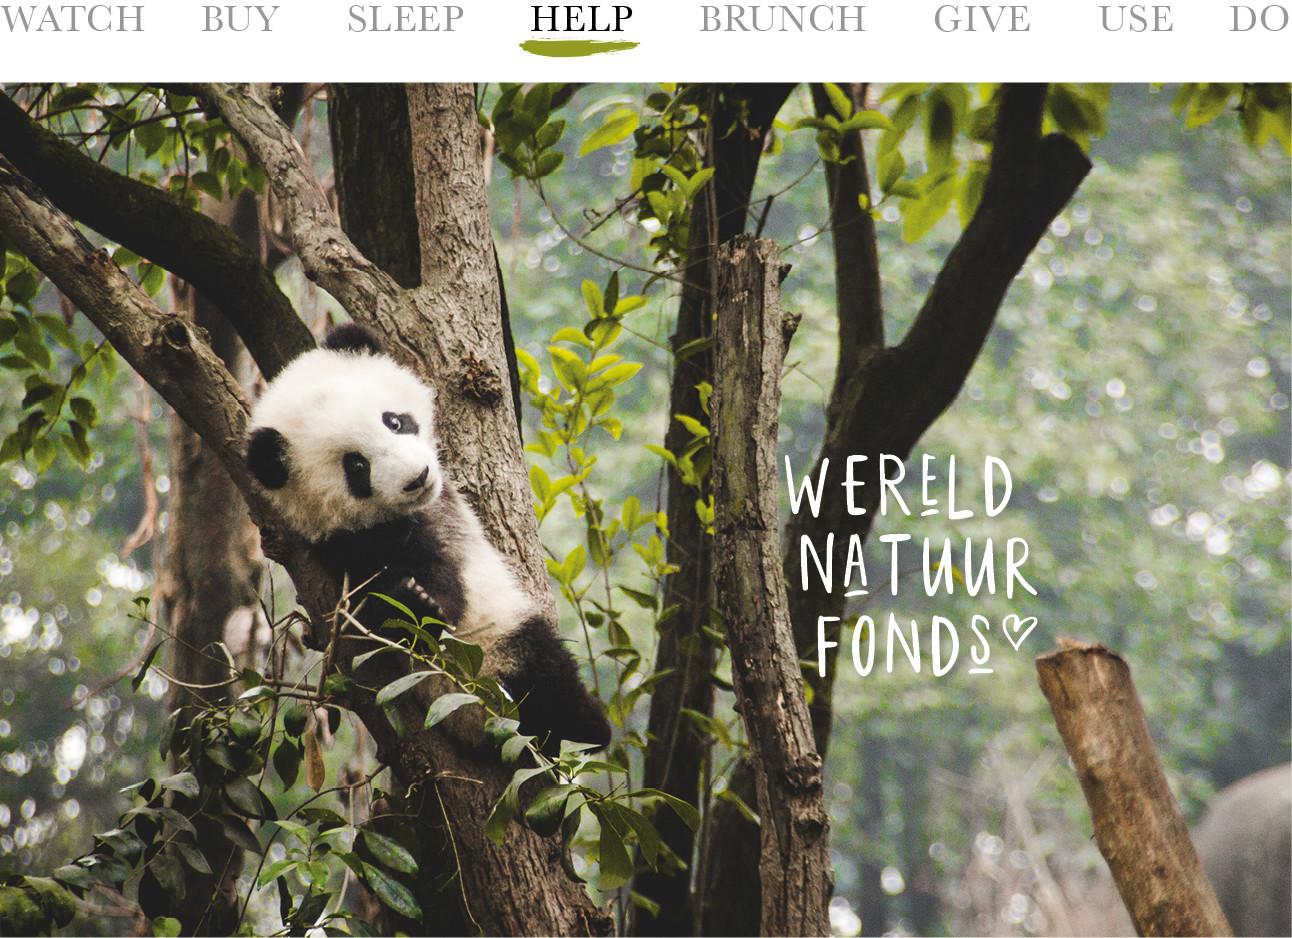 today we help wereld natuurlijk fonds panda beer